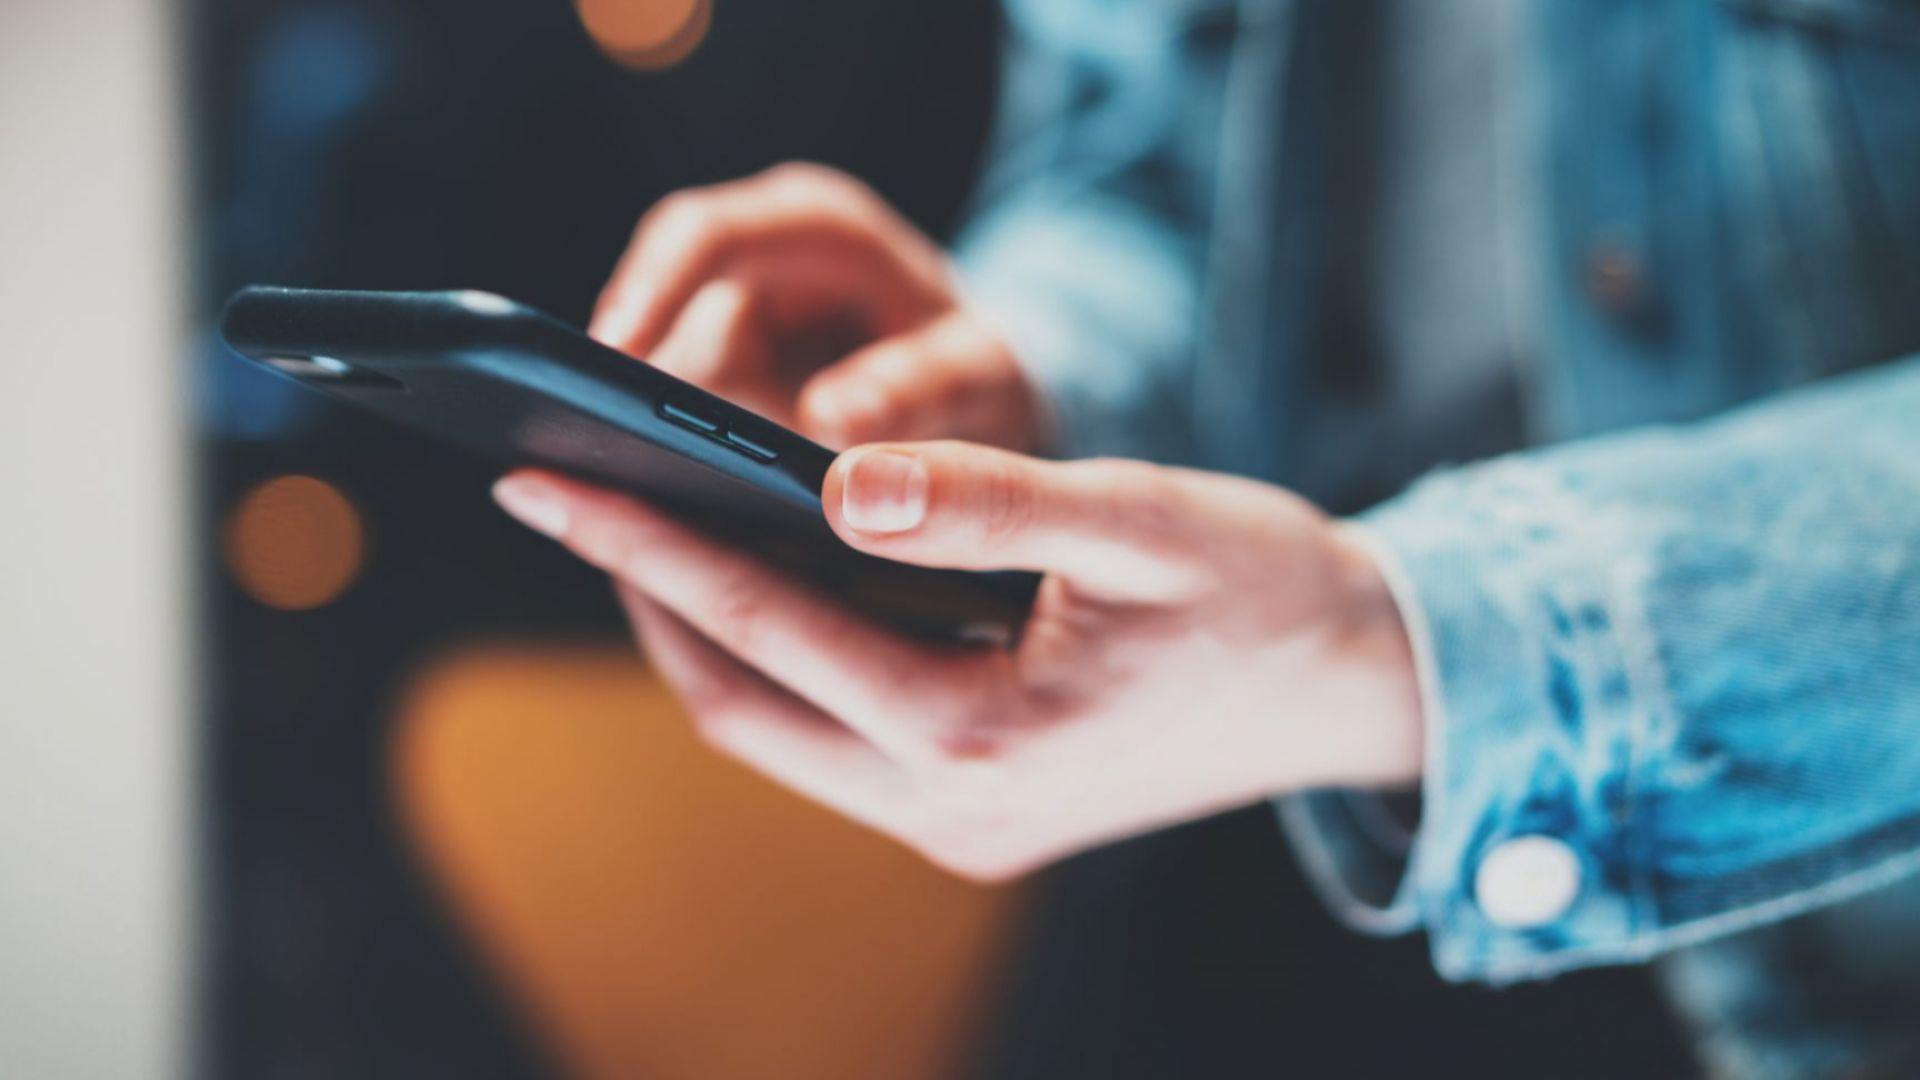 Испания започва да следи мобилните телефони, но отрича да шпионира